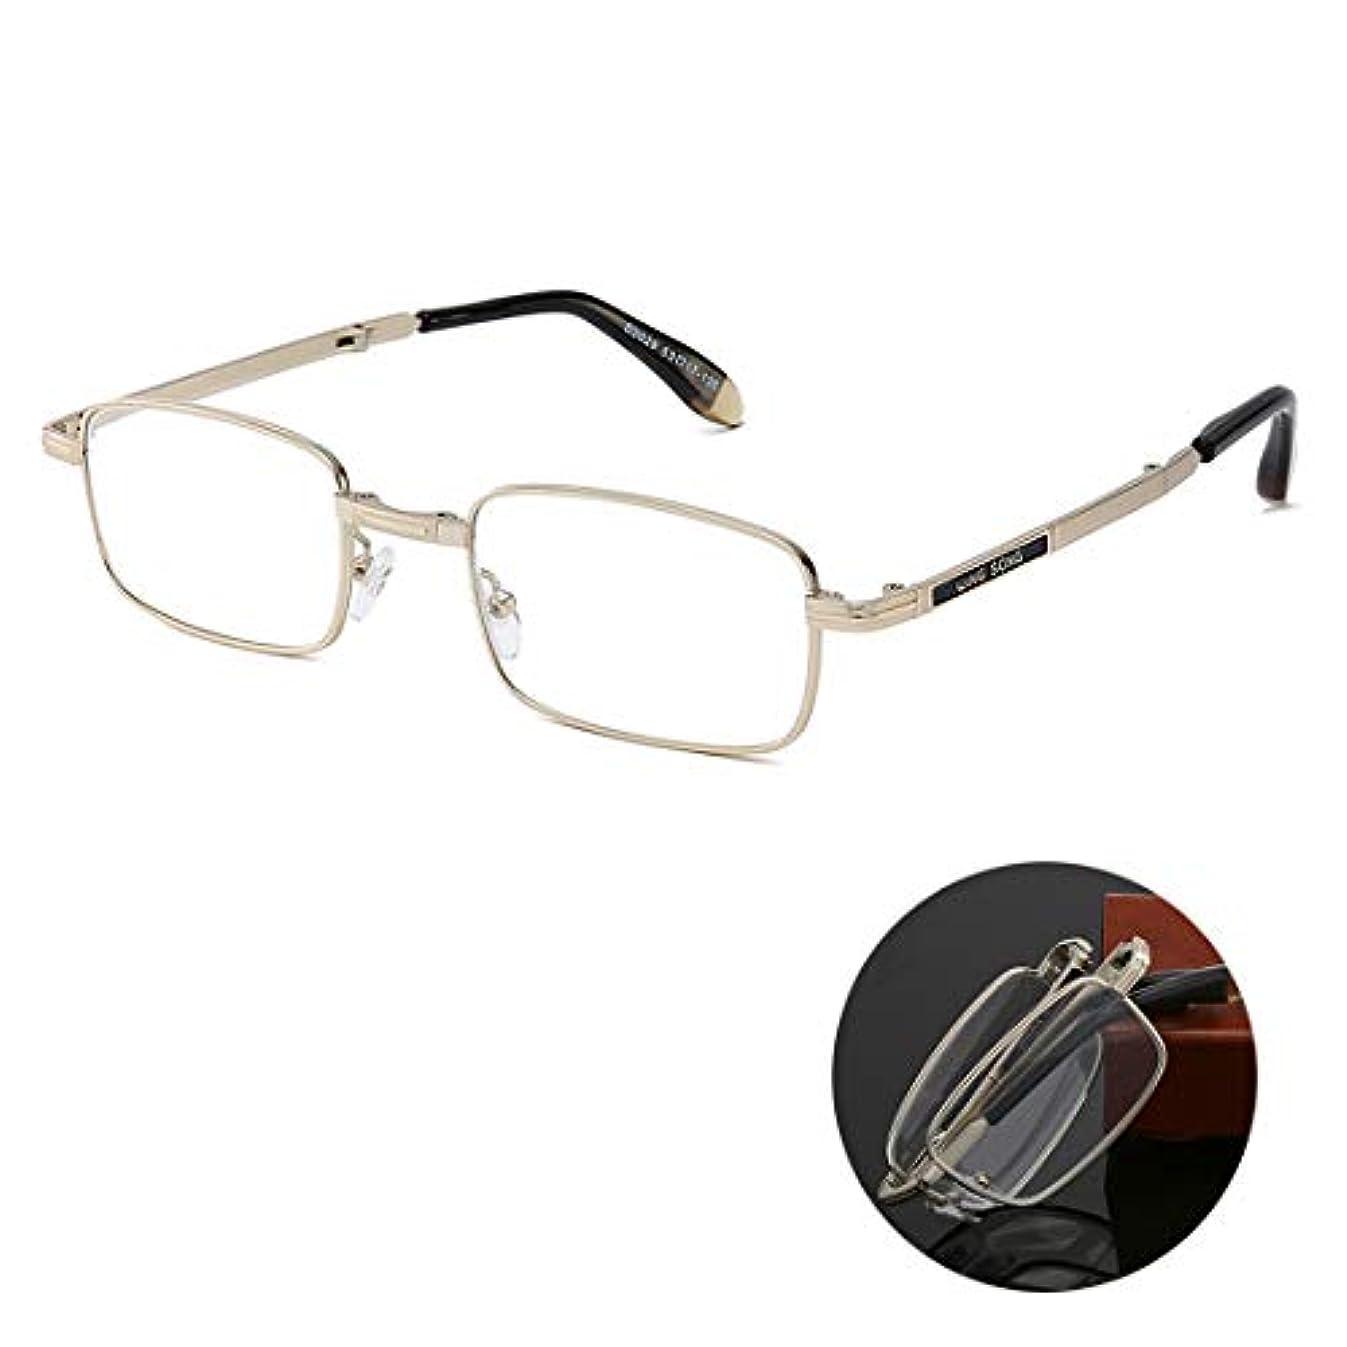 以内にゾーンにんじん折りたたみ老眼鏡、ポータブルHdレンズ遠視、時代を超越した外観、クリスタルクリアなビジョン、優れた合金素材、男性と女性用